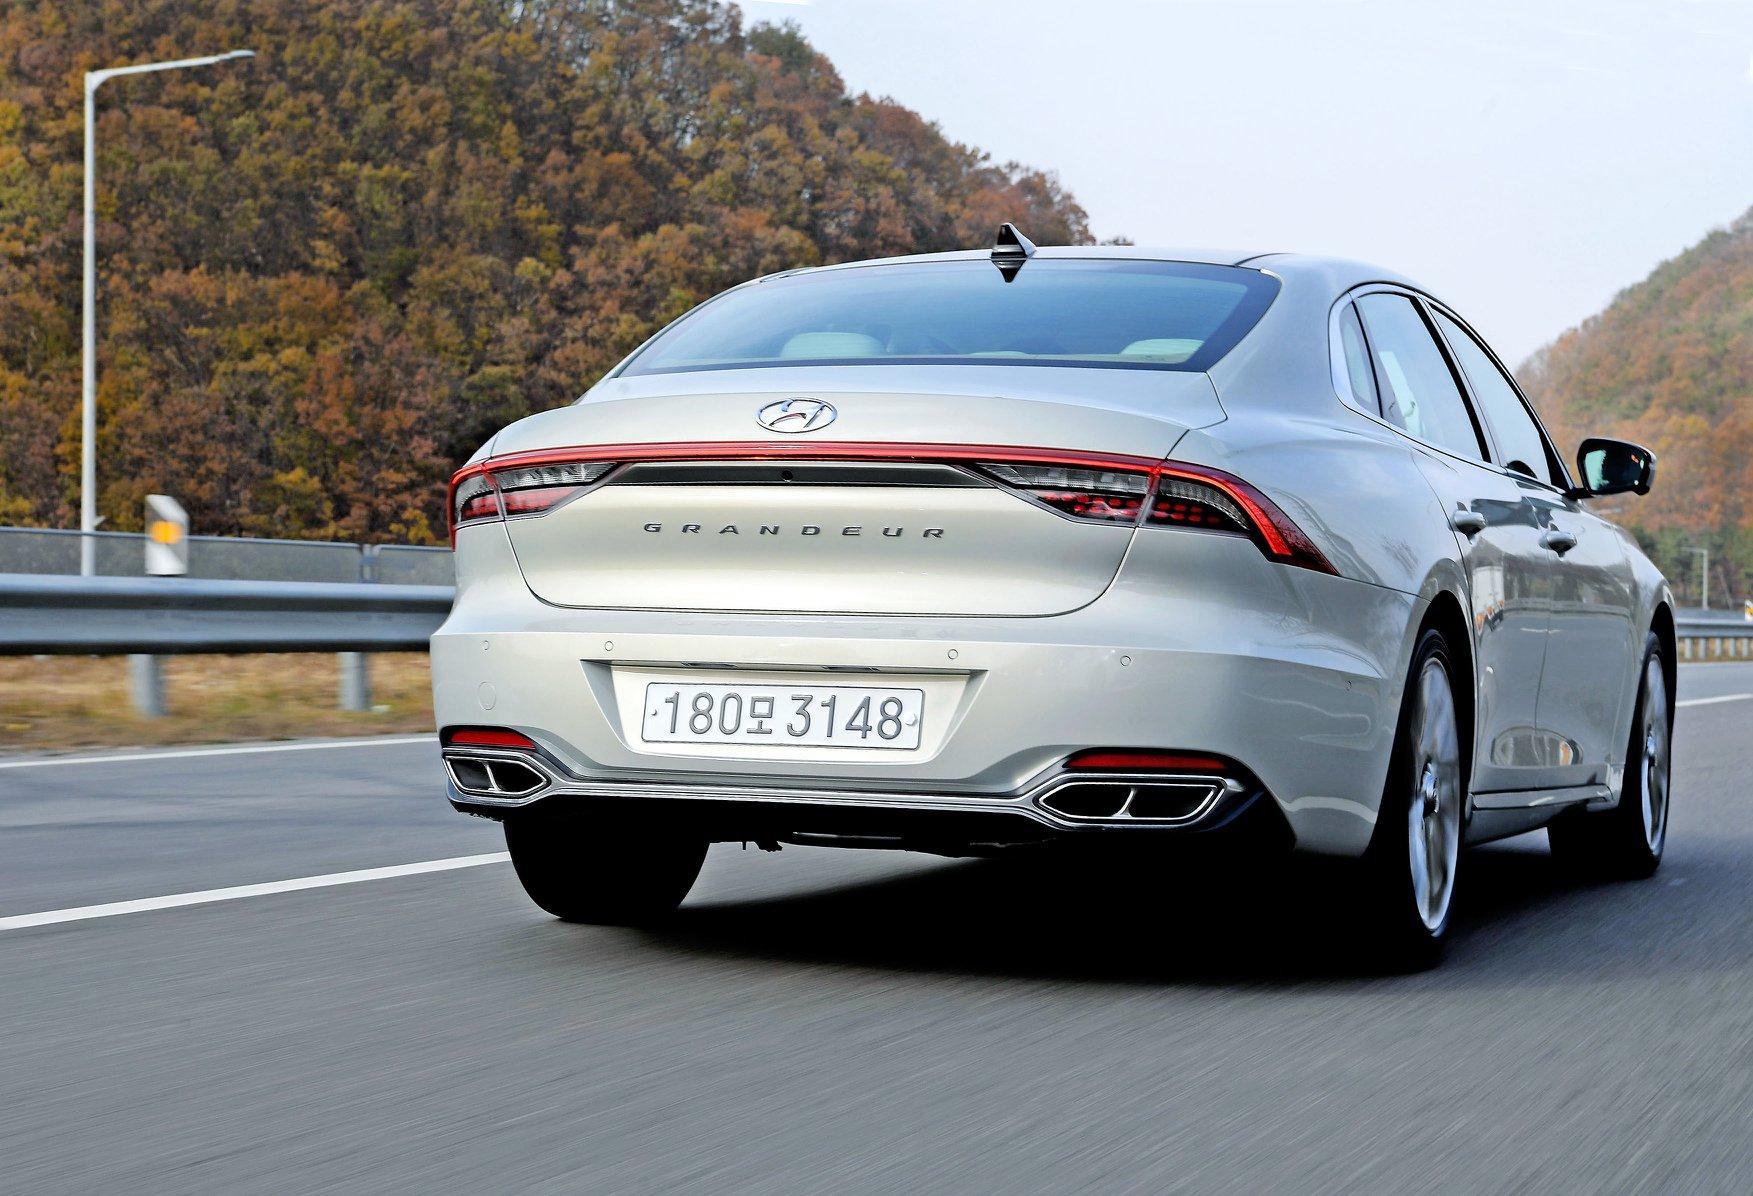 2020-Hyundai-Grandeur-Korea-spec-33.jpg